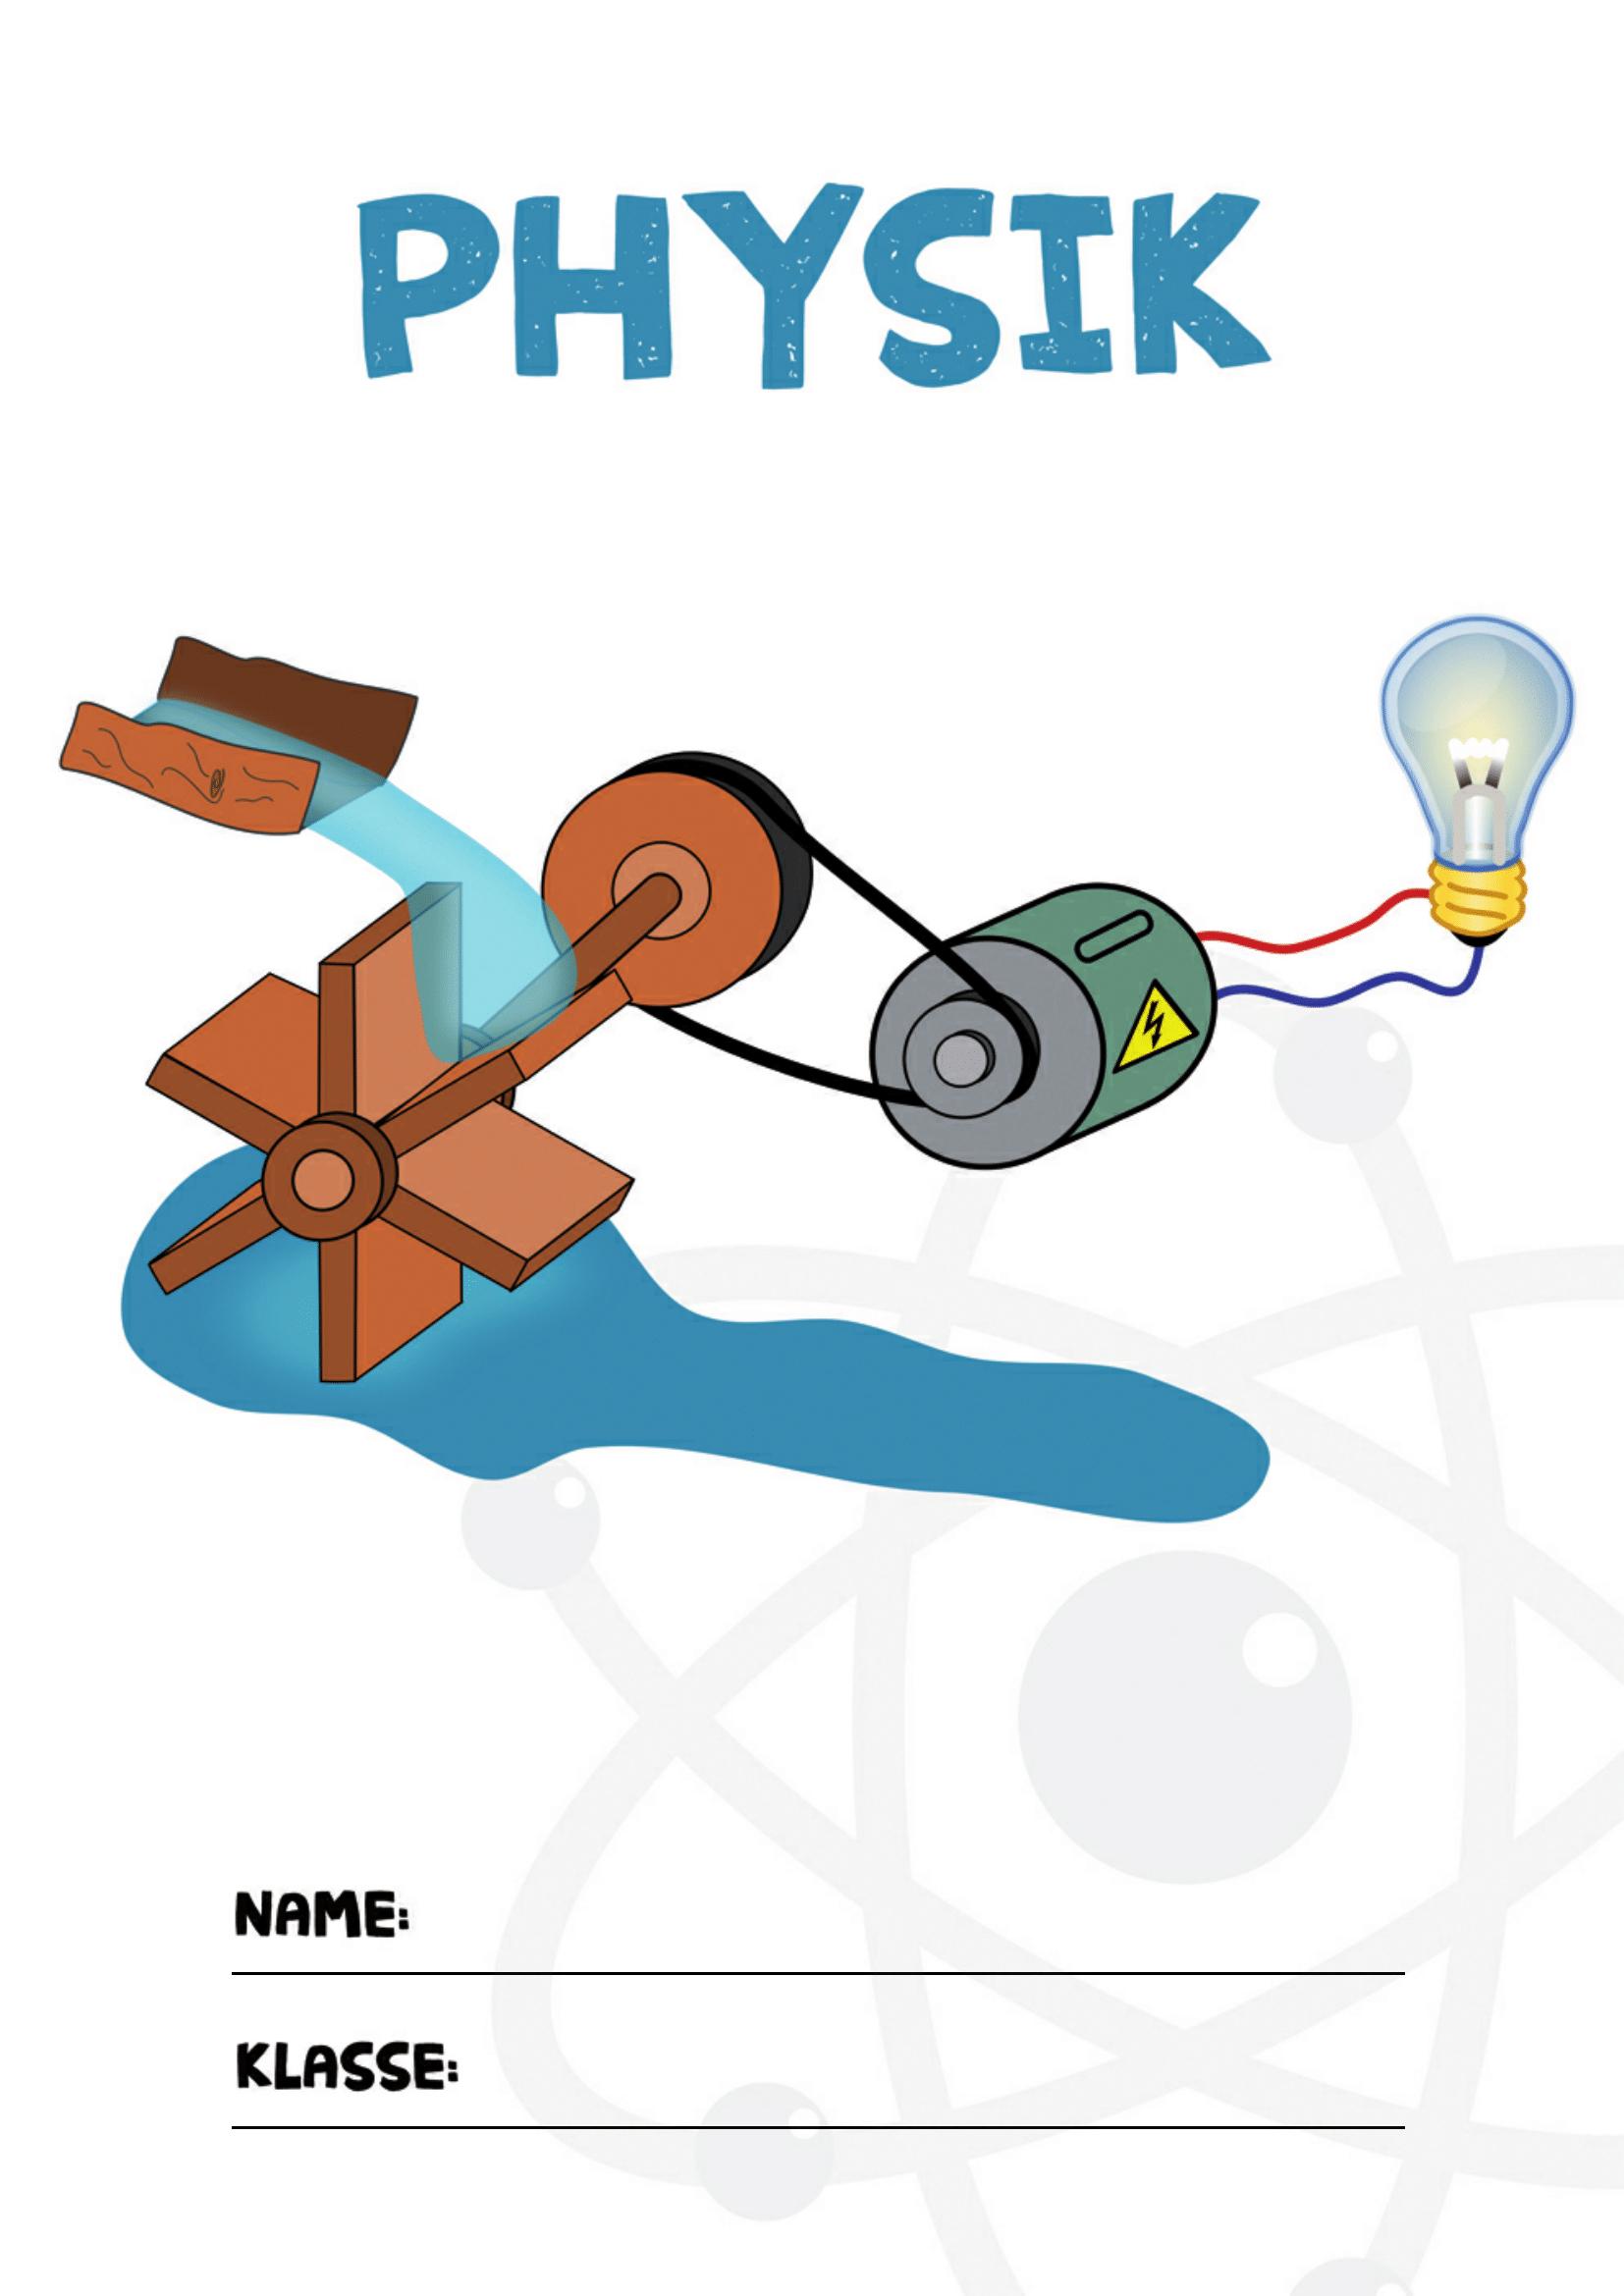 Physik Deckblatt   Physik Deckblatt, Physik, Deckblatt Schule für Deckblätter Schule Kostenlos Ausdrucken